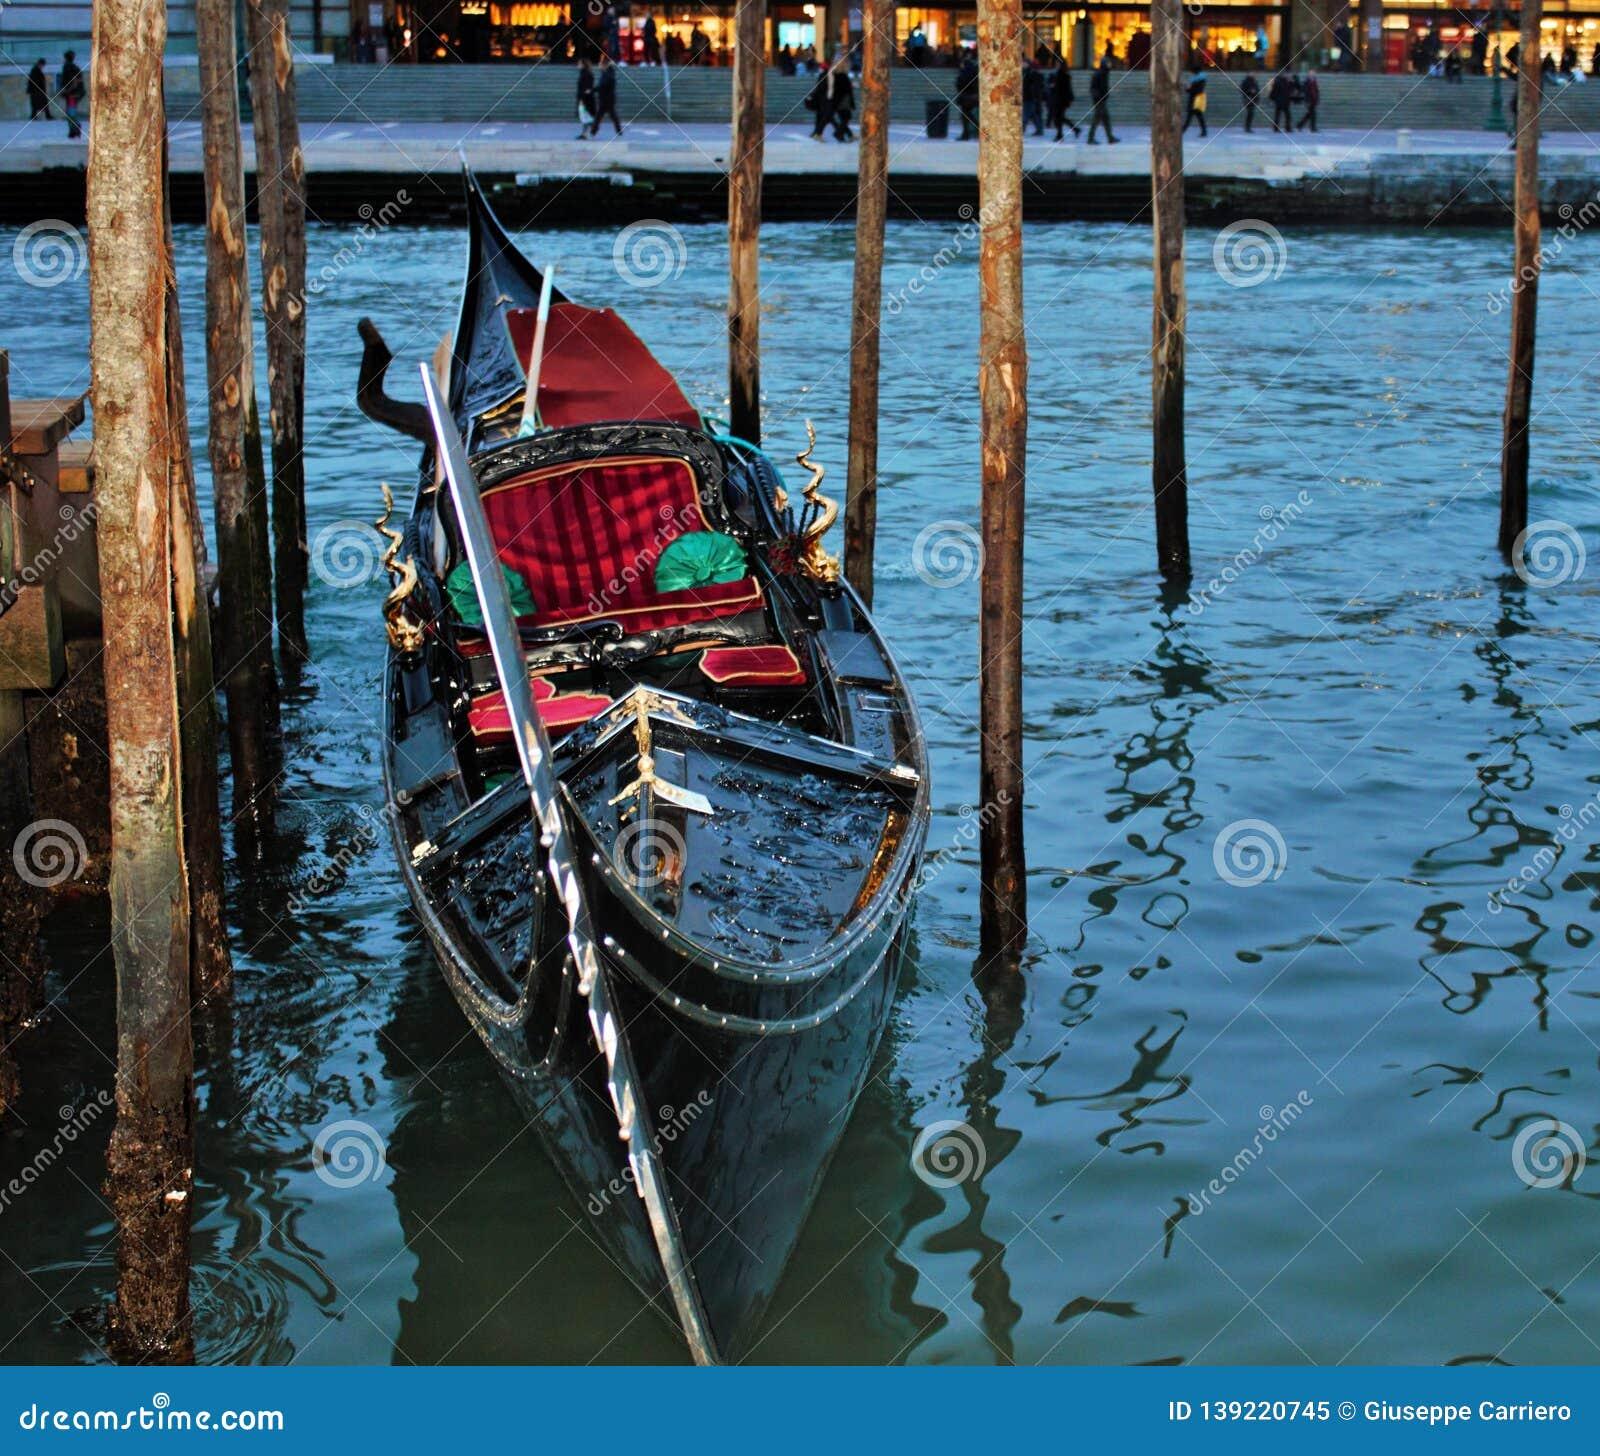 Gondola moored near the Venice train station